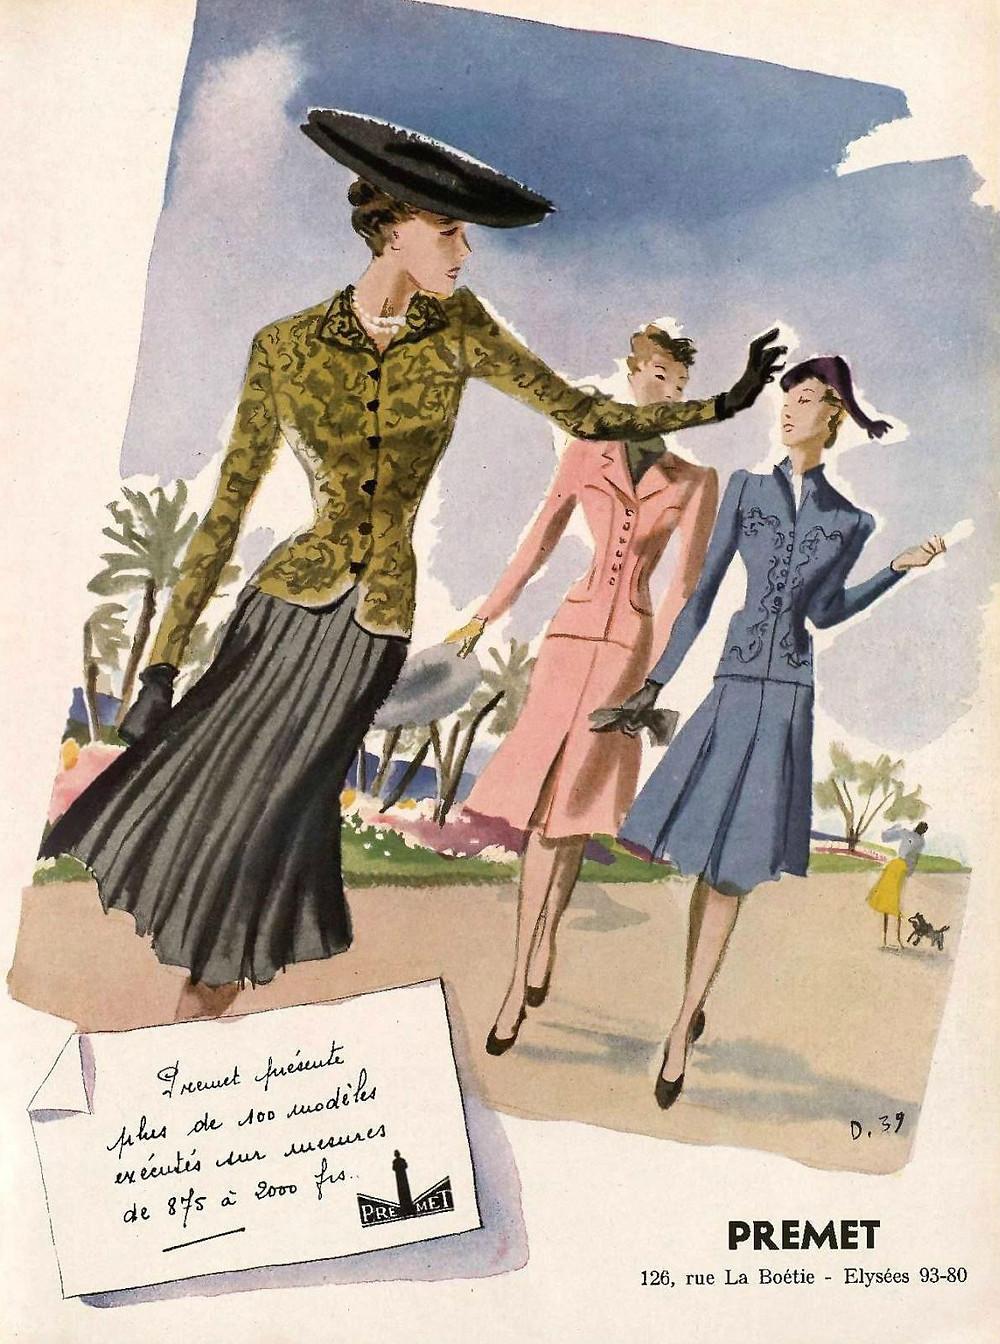 Premet advertisement. From L'Art et la Mode, 1939.